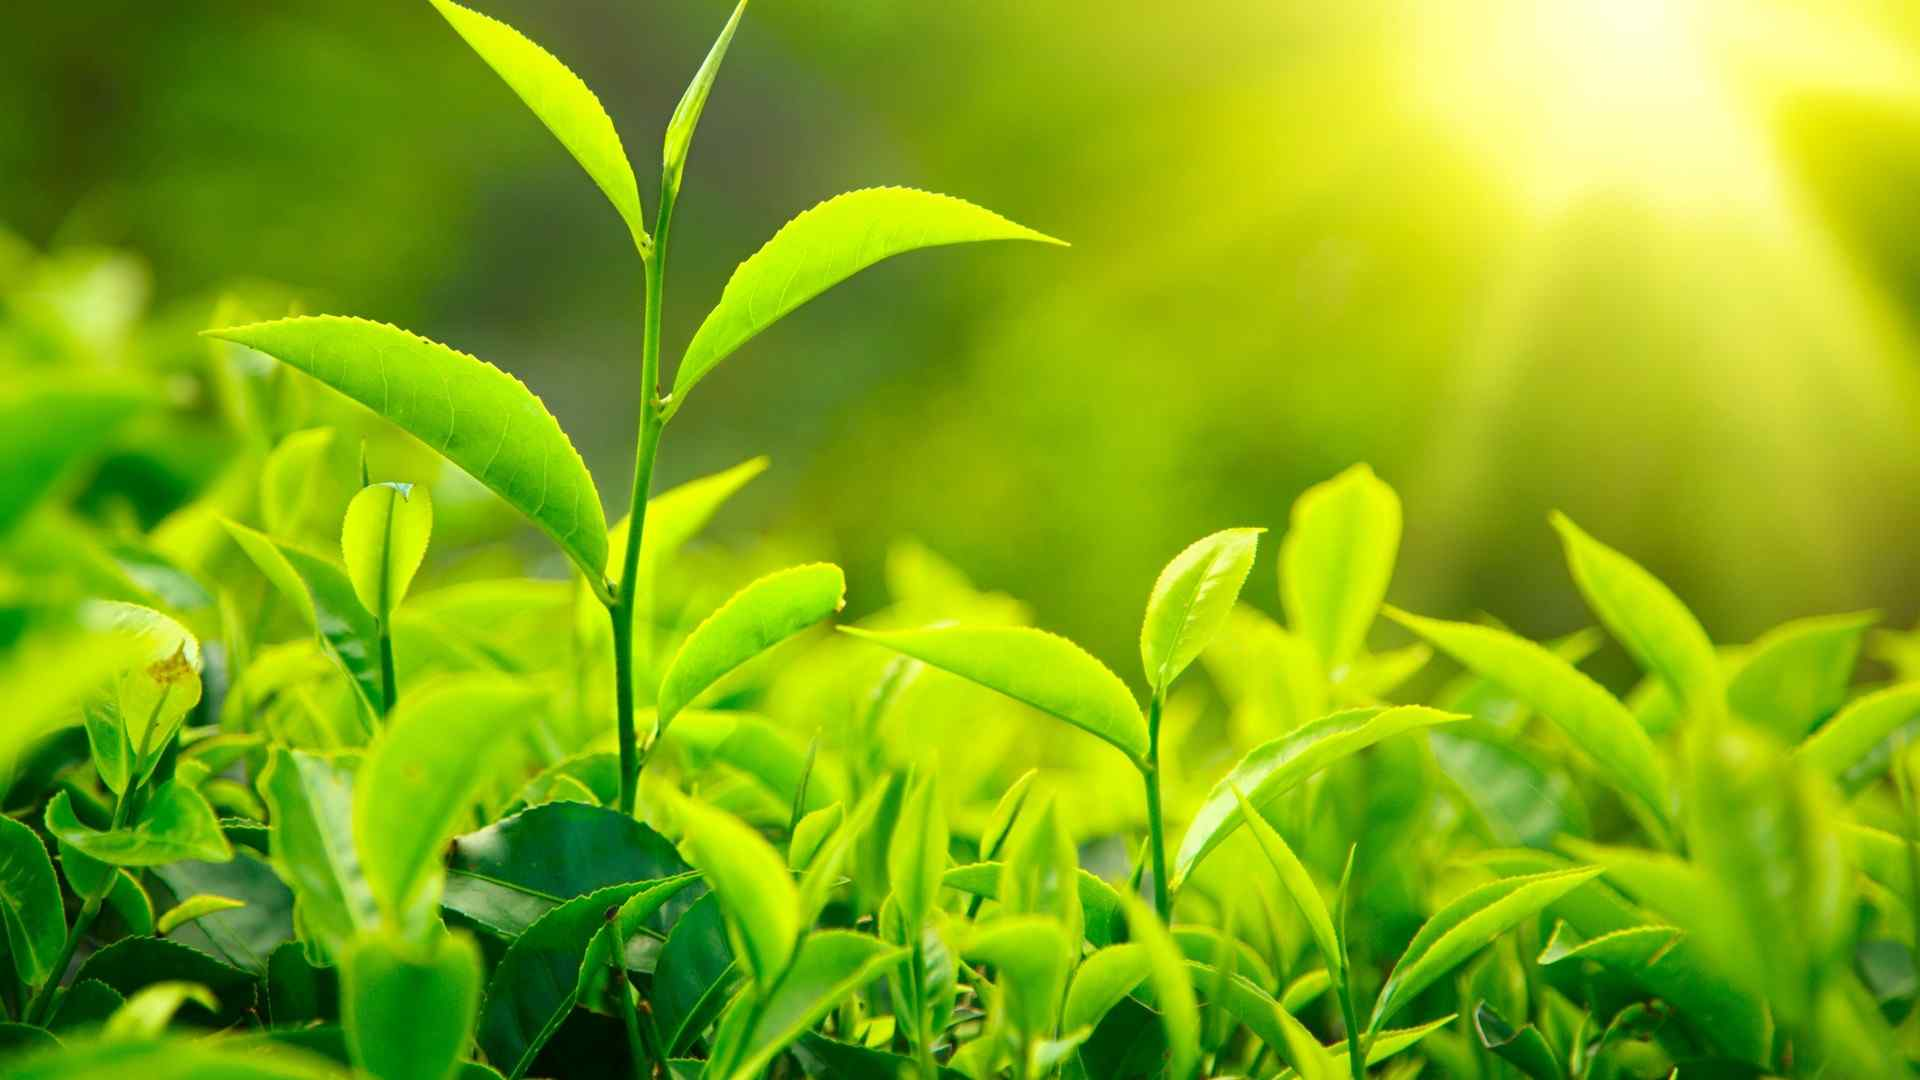 好看的绿色植物4